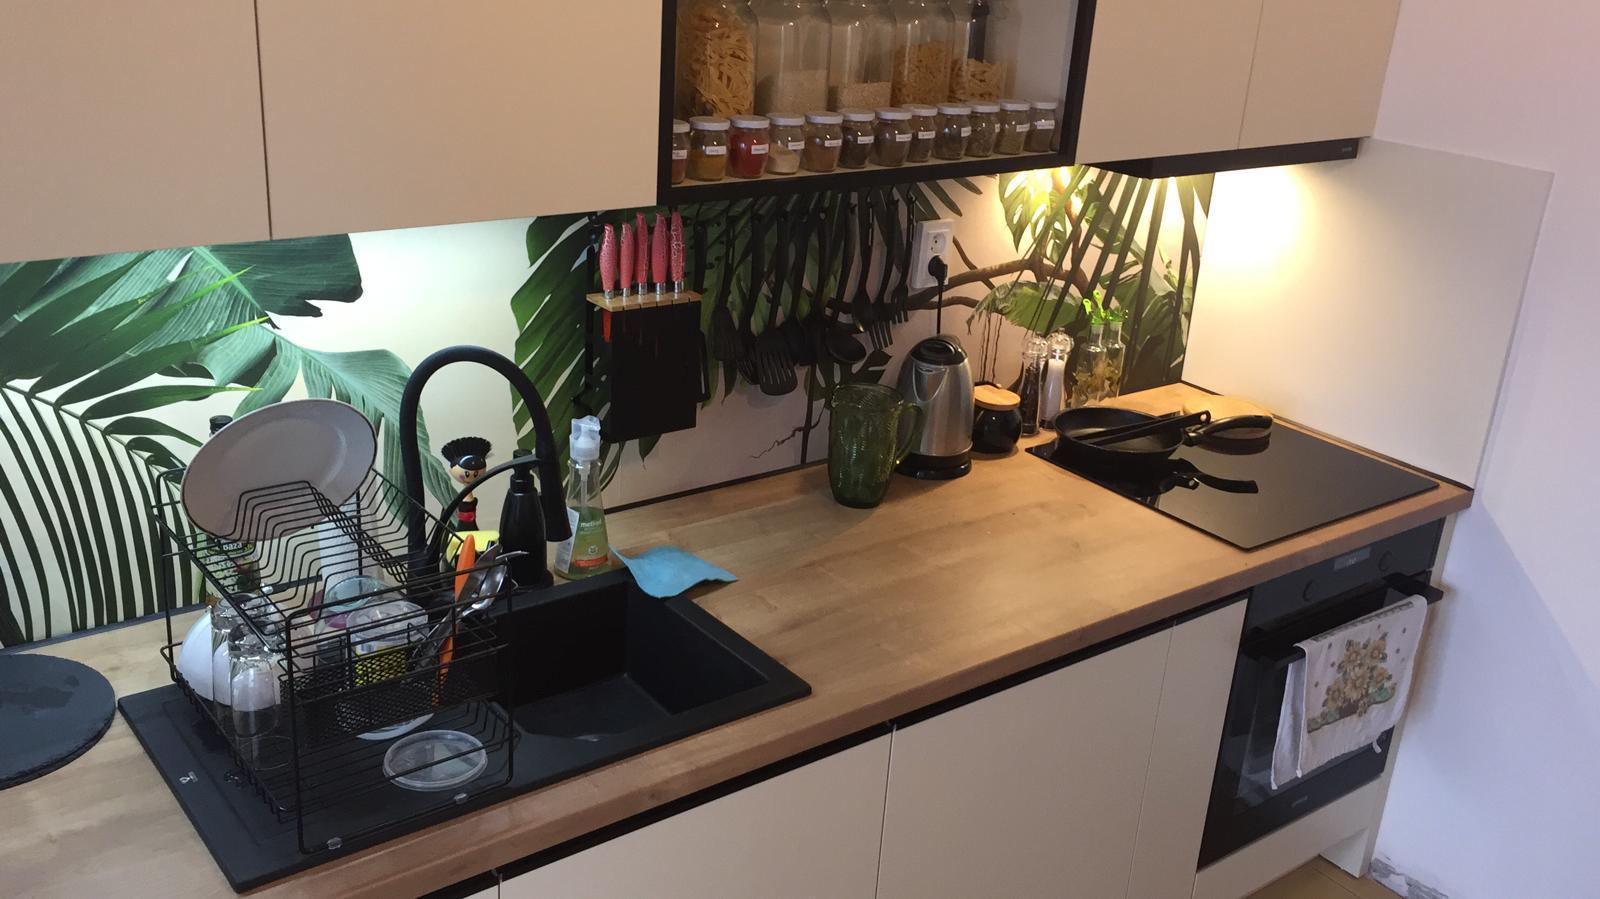 Fototapety do kuchyně - na kuchyňskou linku, na zeď, na skřínky - Obrázek č. 123